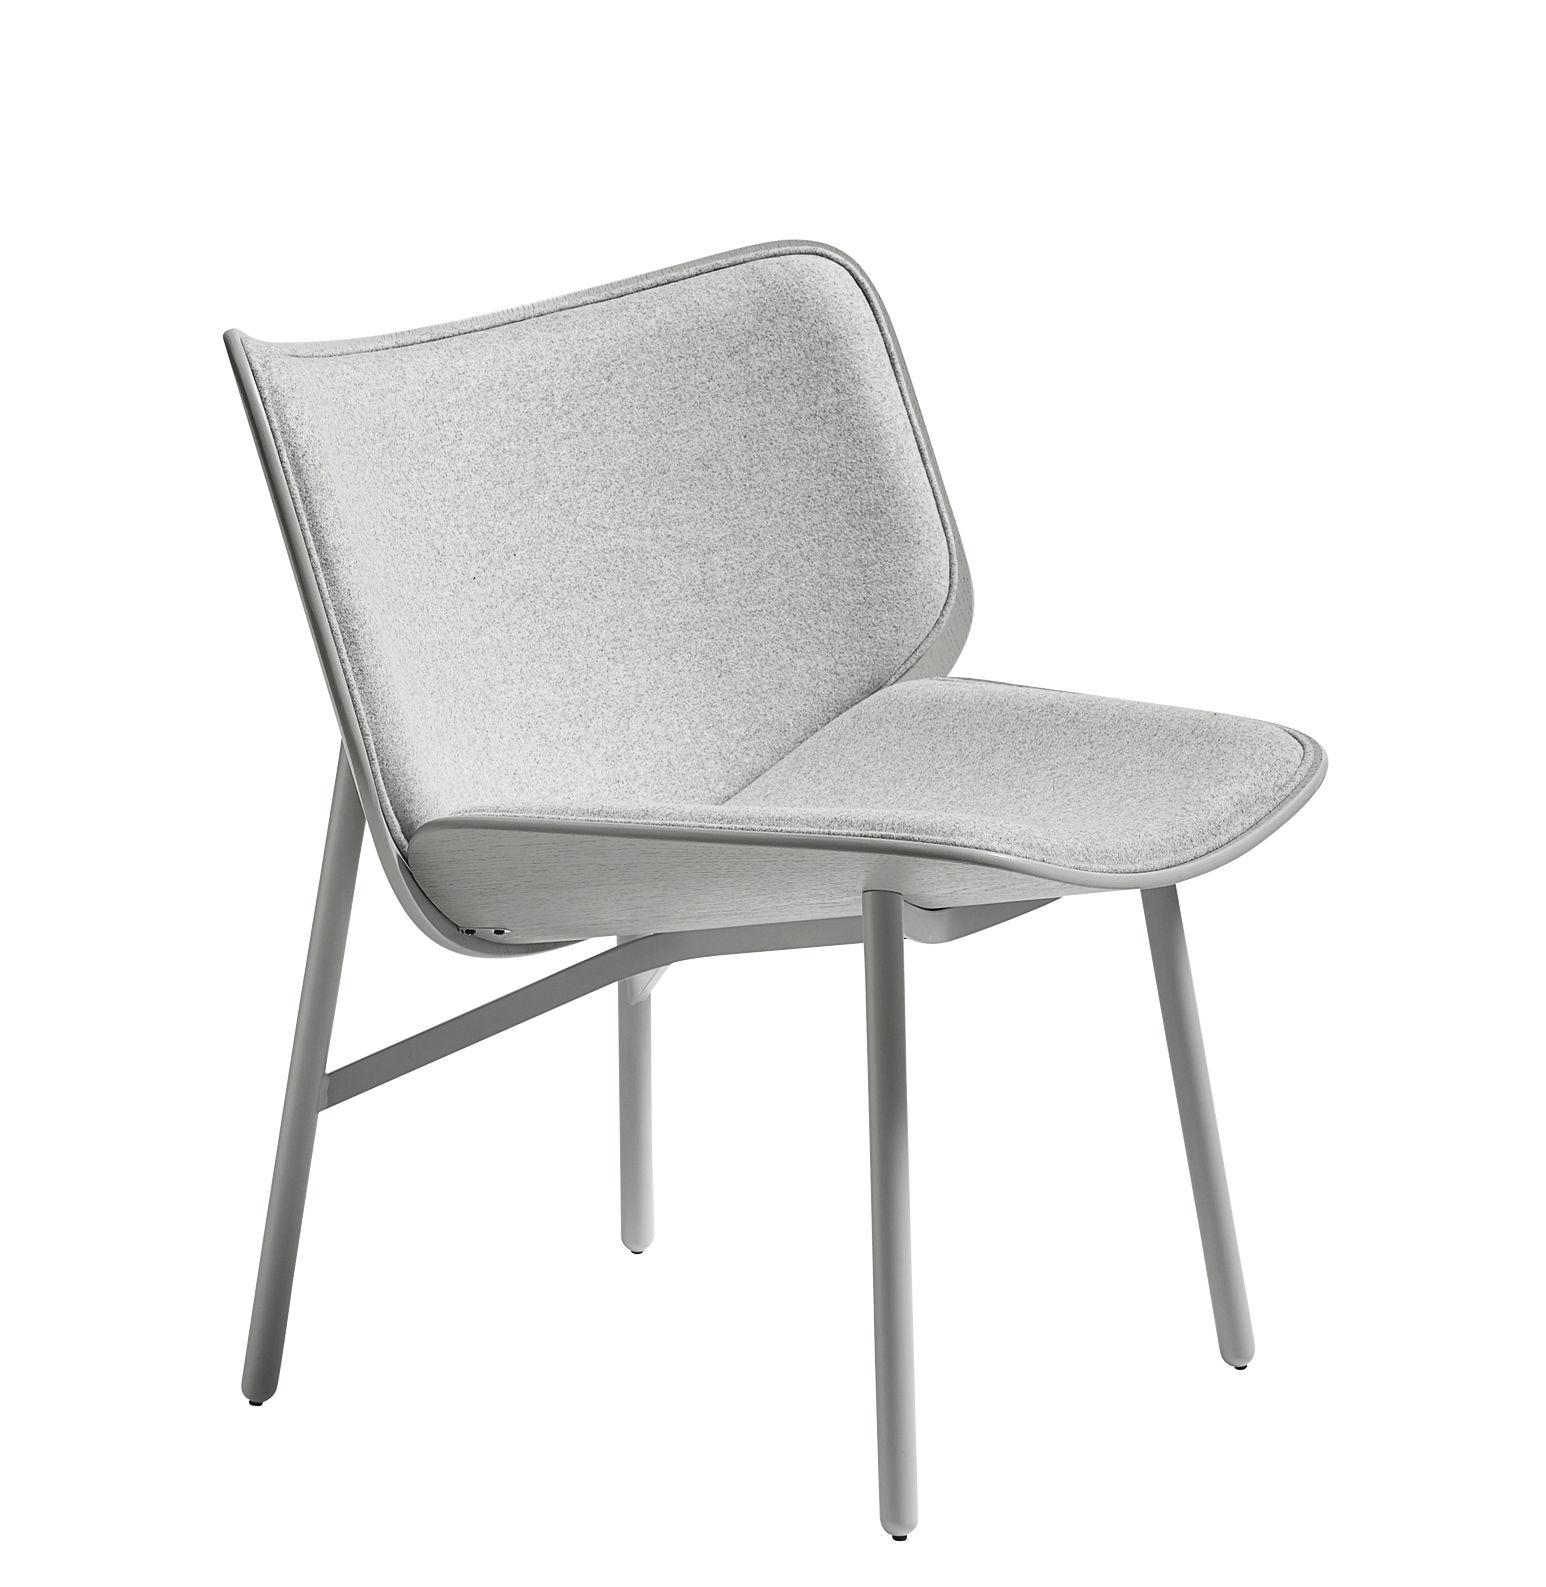 mobilier fauteuils fauteuil rembourre dapper tissu hay gris acier laque